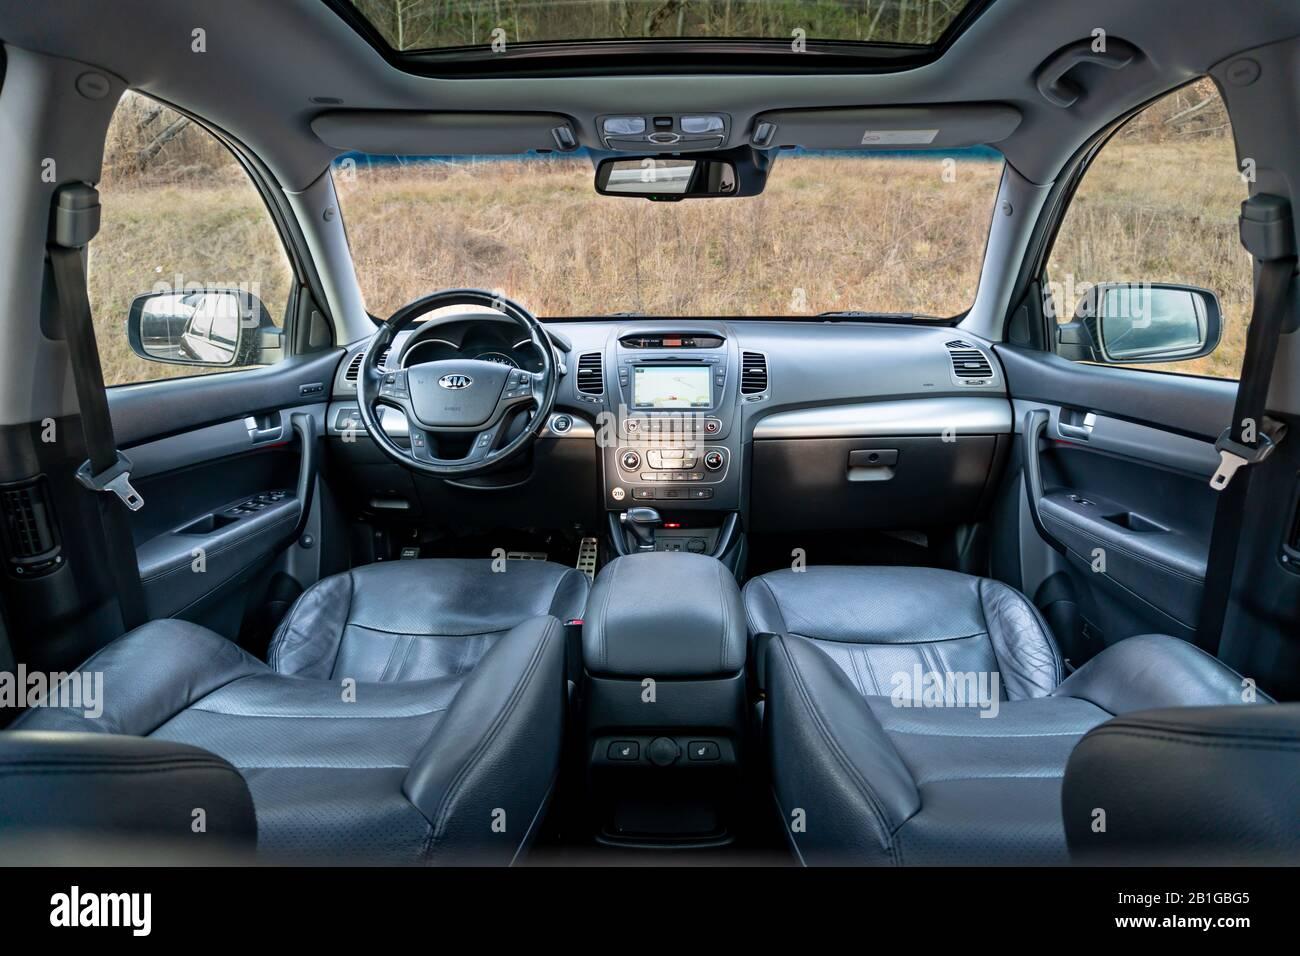 Foto detallada en el interior de un maravilloso todoterreno con dach/techo solar panorámico acristalado - Kia Sorento Facelift Platinum Foto de stock